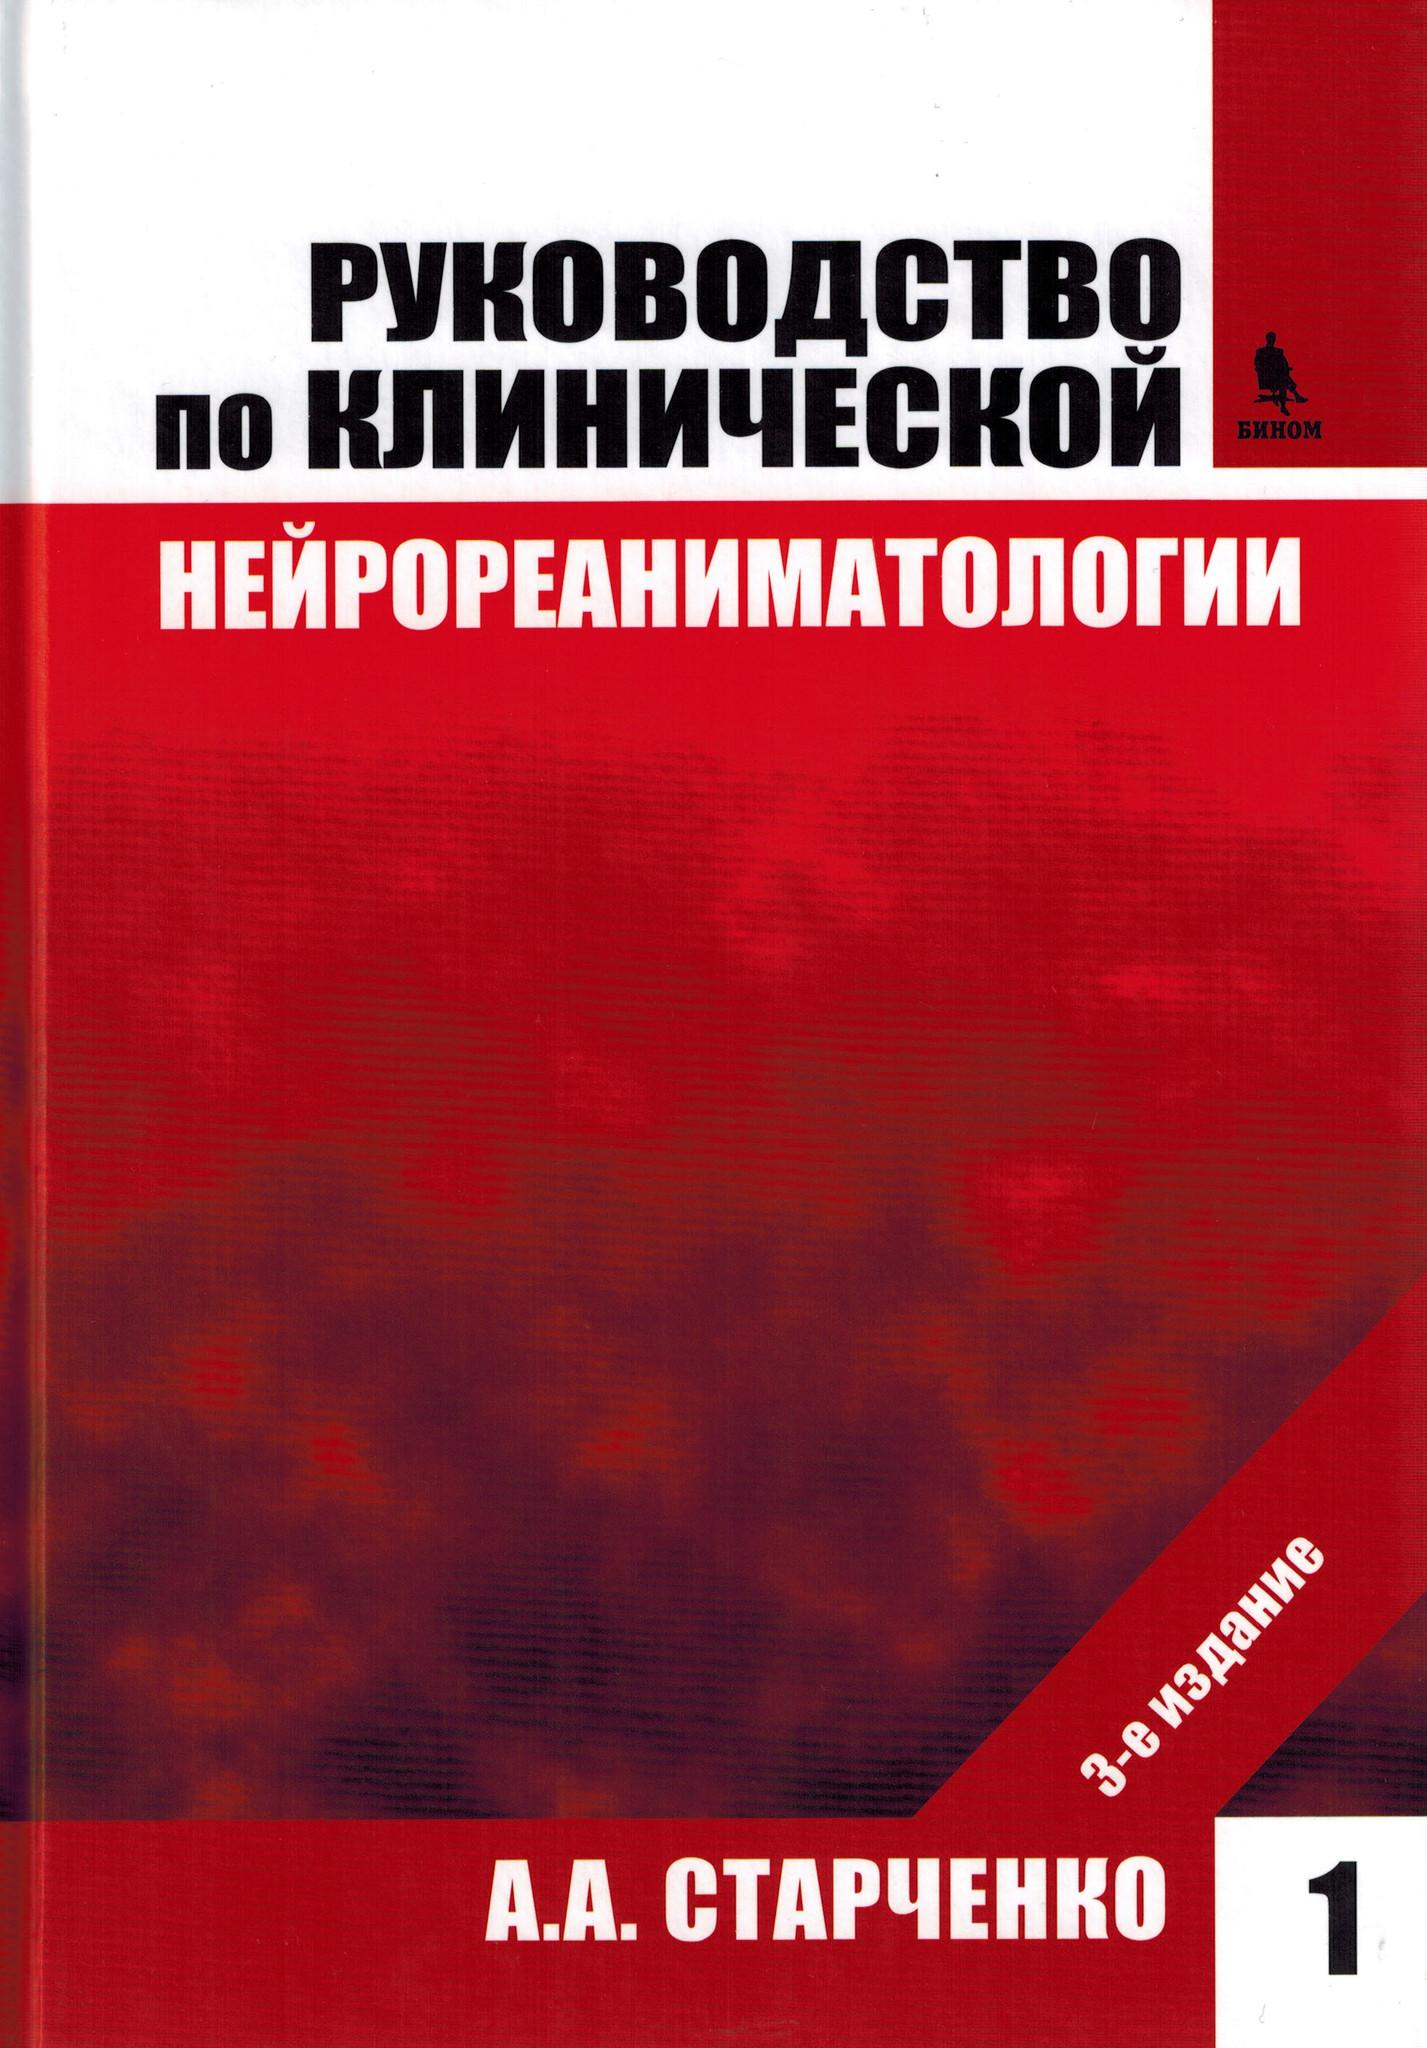 Нейро Руководство по клинической нейрореаниматологии Книга 1 rkn.jpg